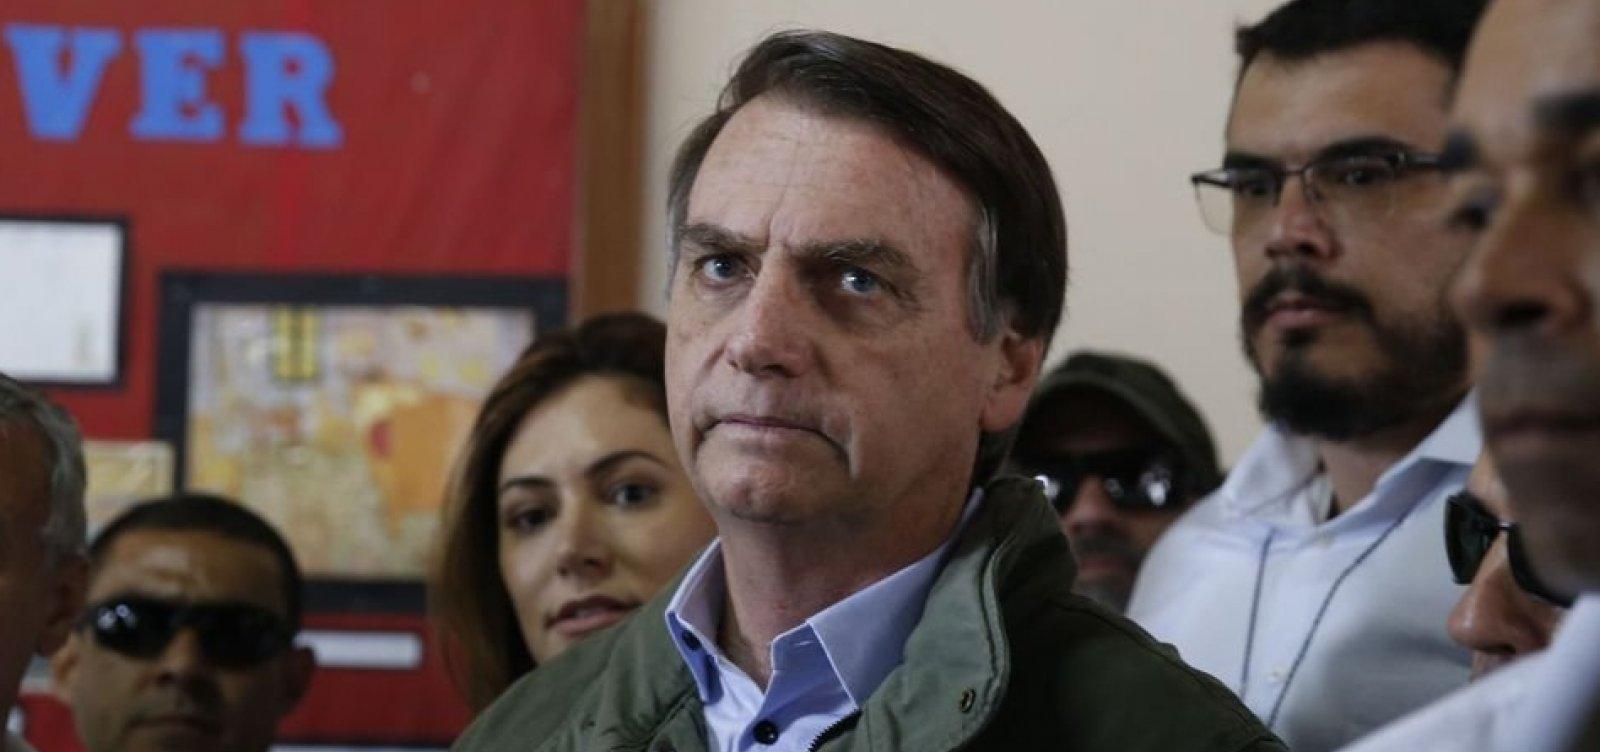 Eleição de Bolsonaro representa 'enorme risco', segundo Anistia Internacional